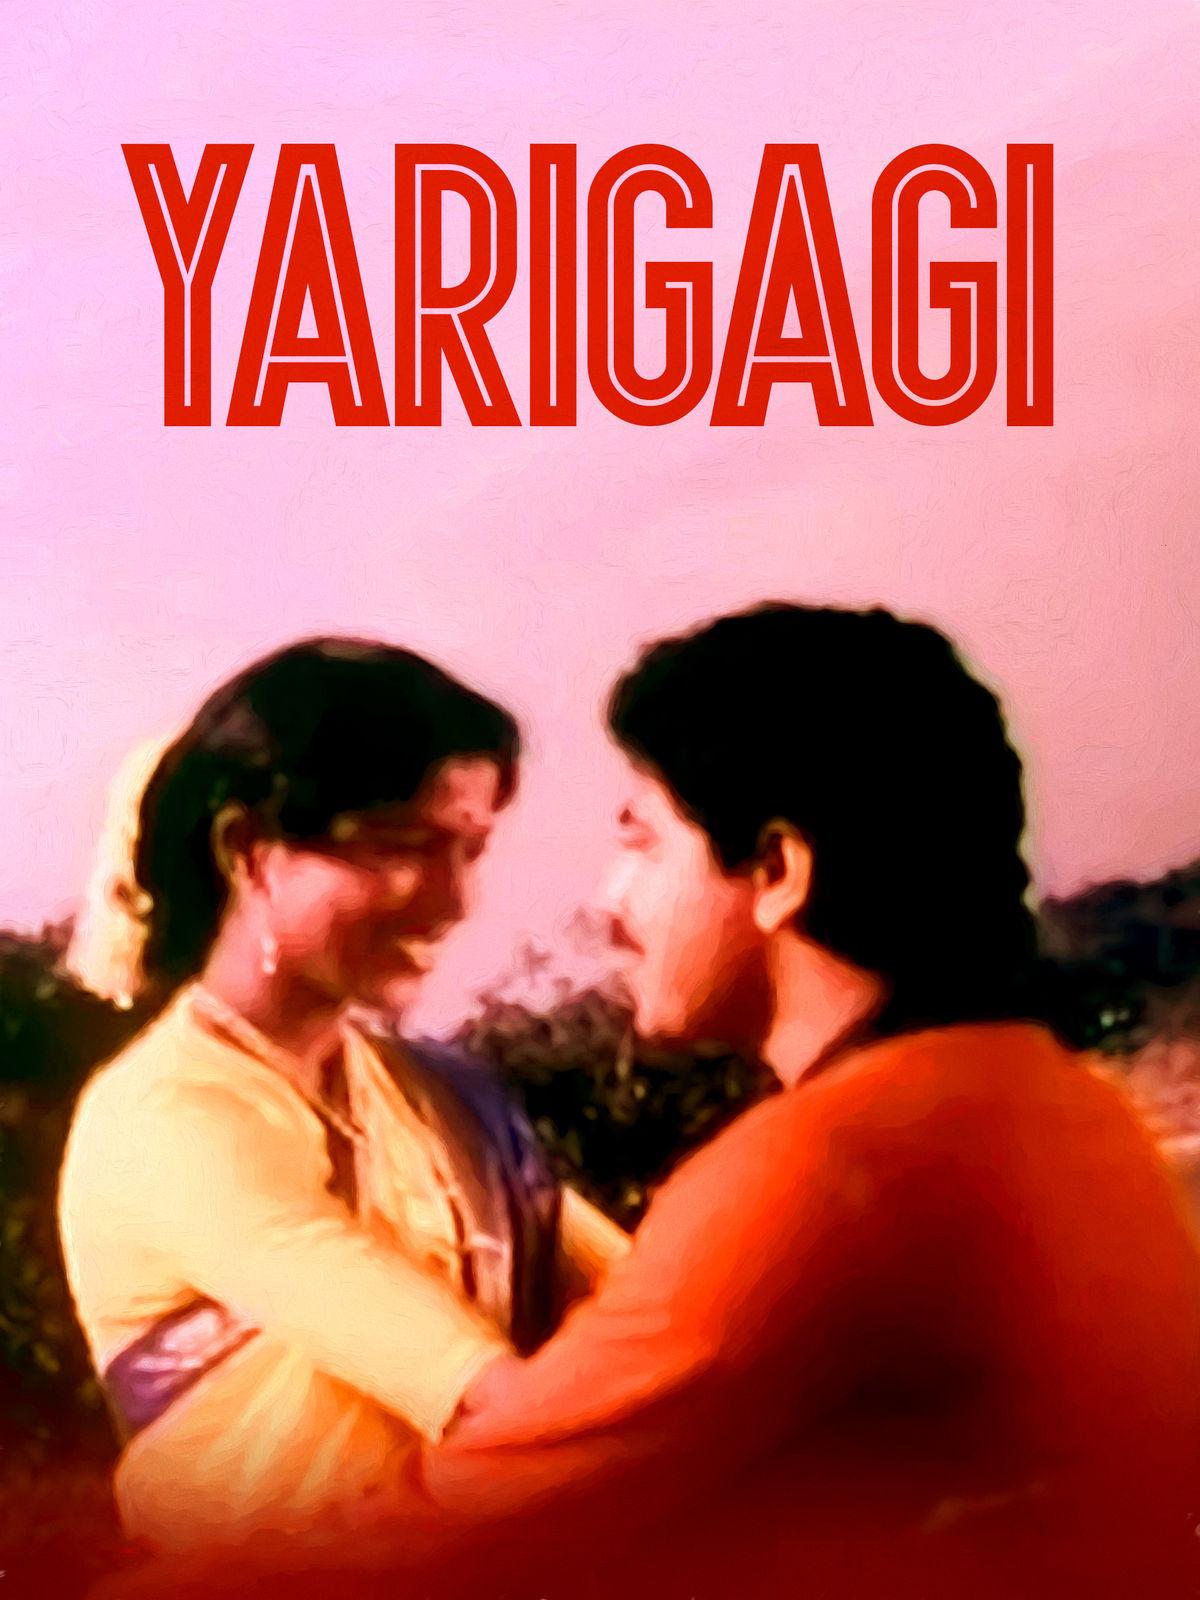 Yarigagi